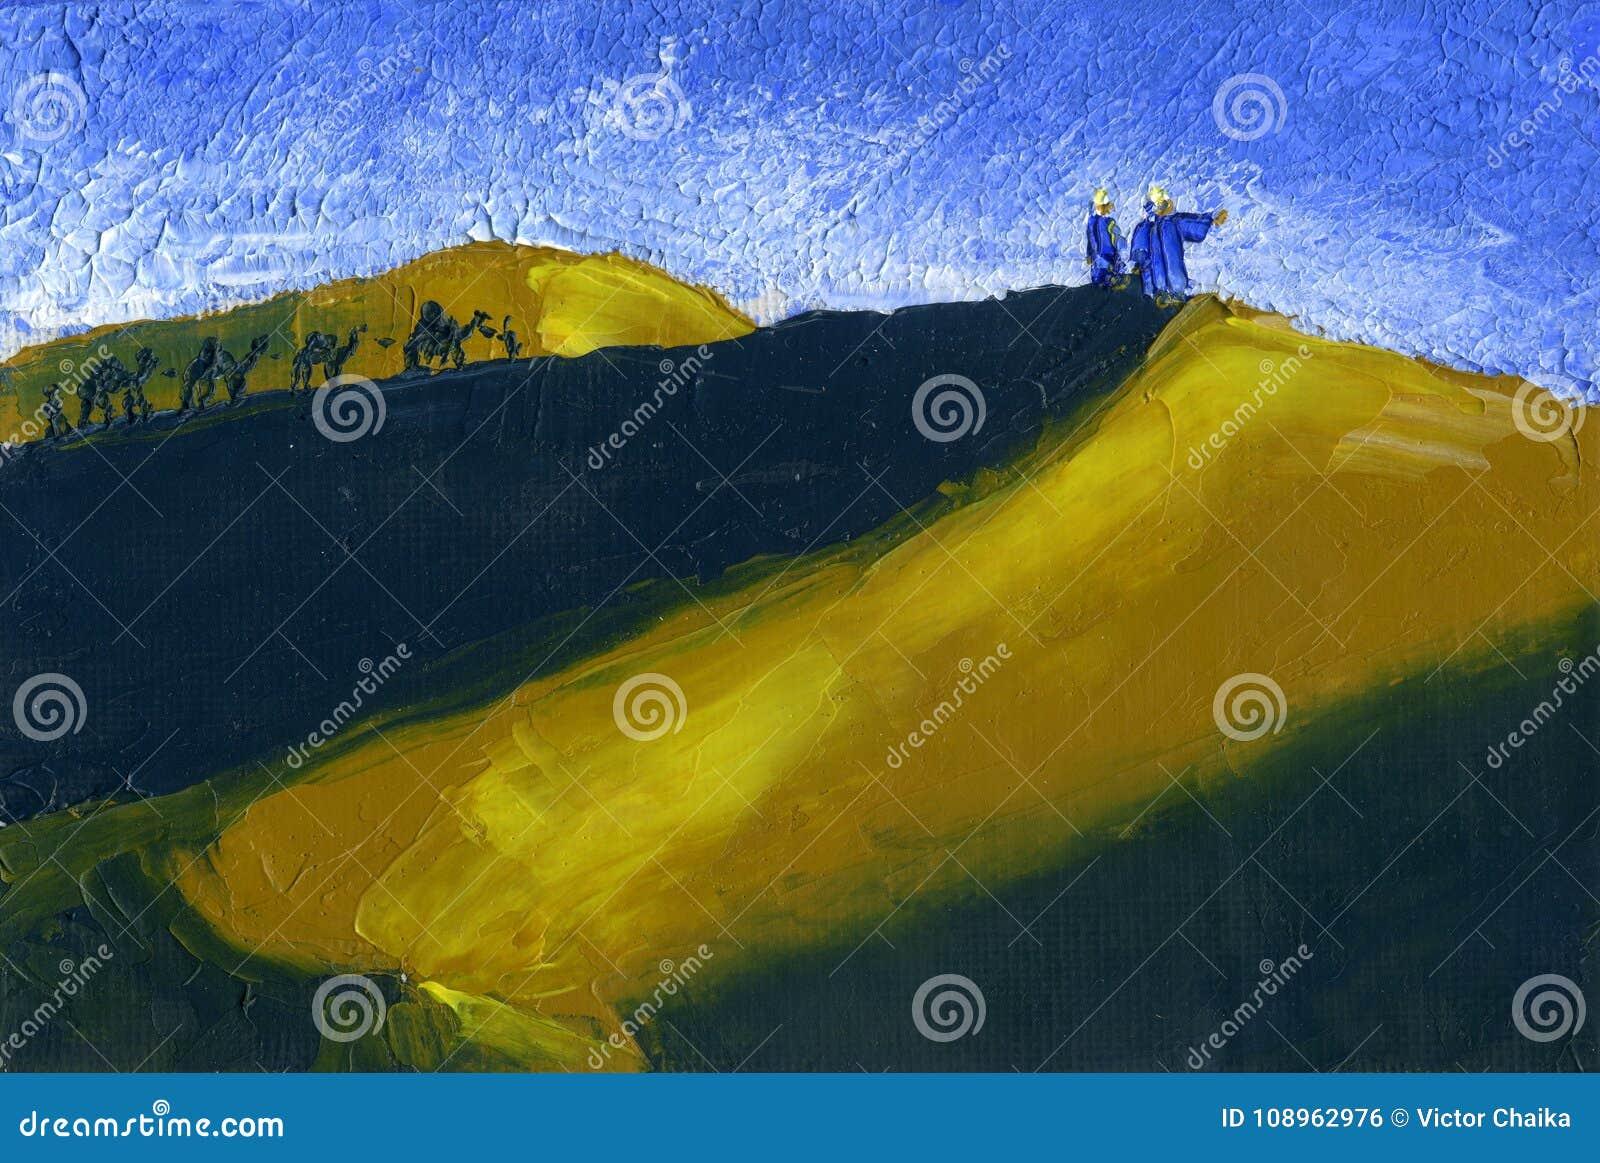 Zug von Kamelen läuft die Wüste durch Sonnenuntergang